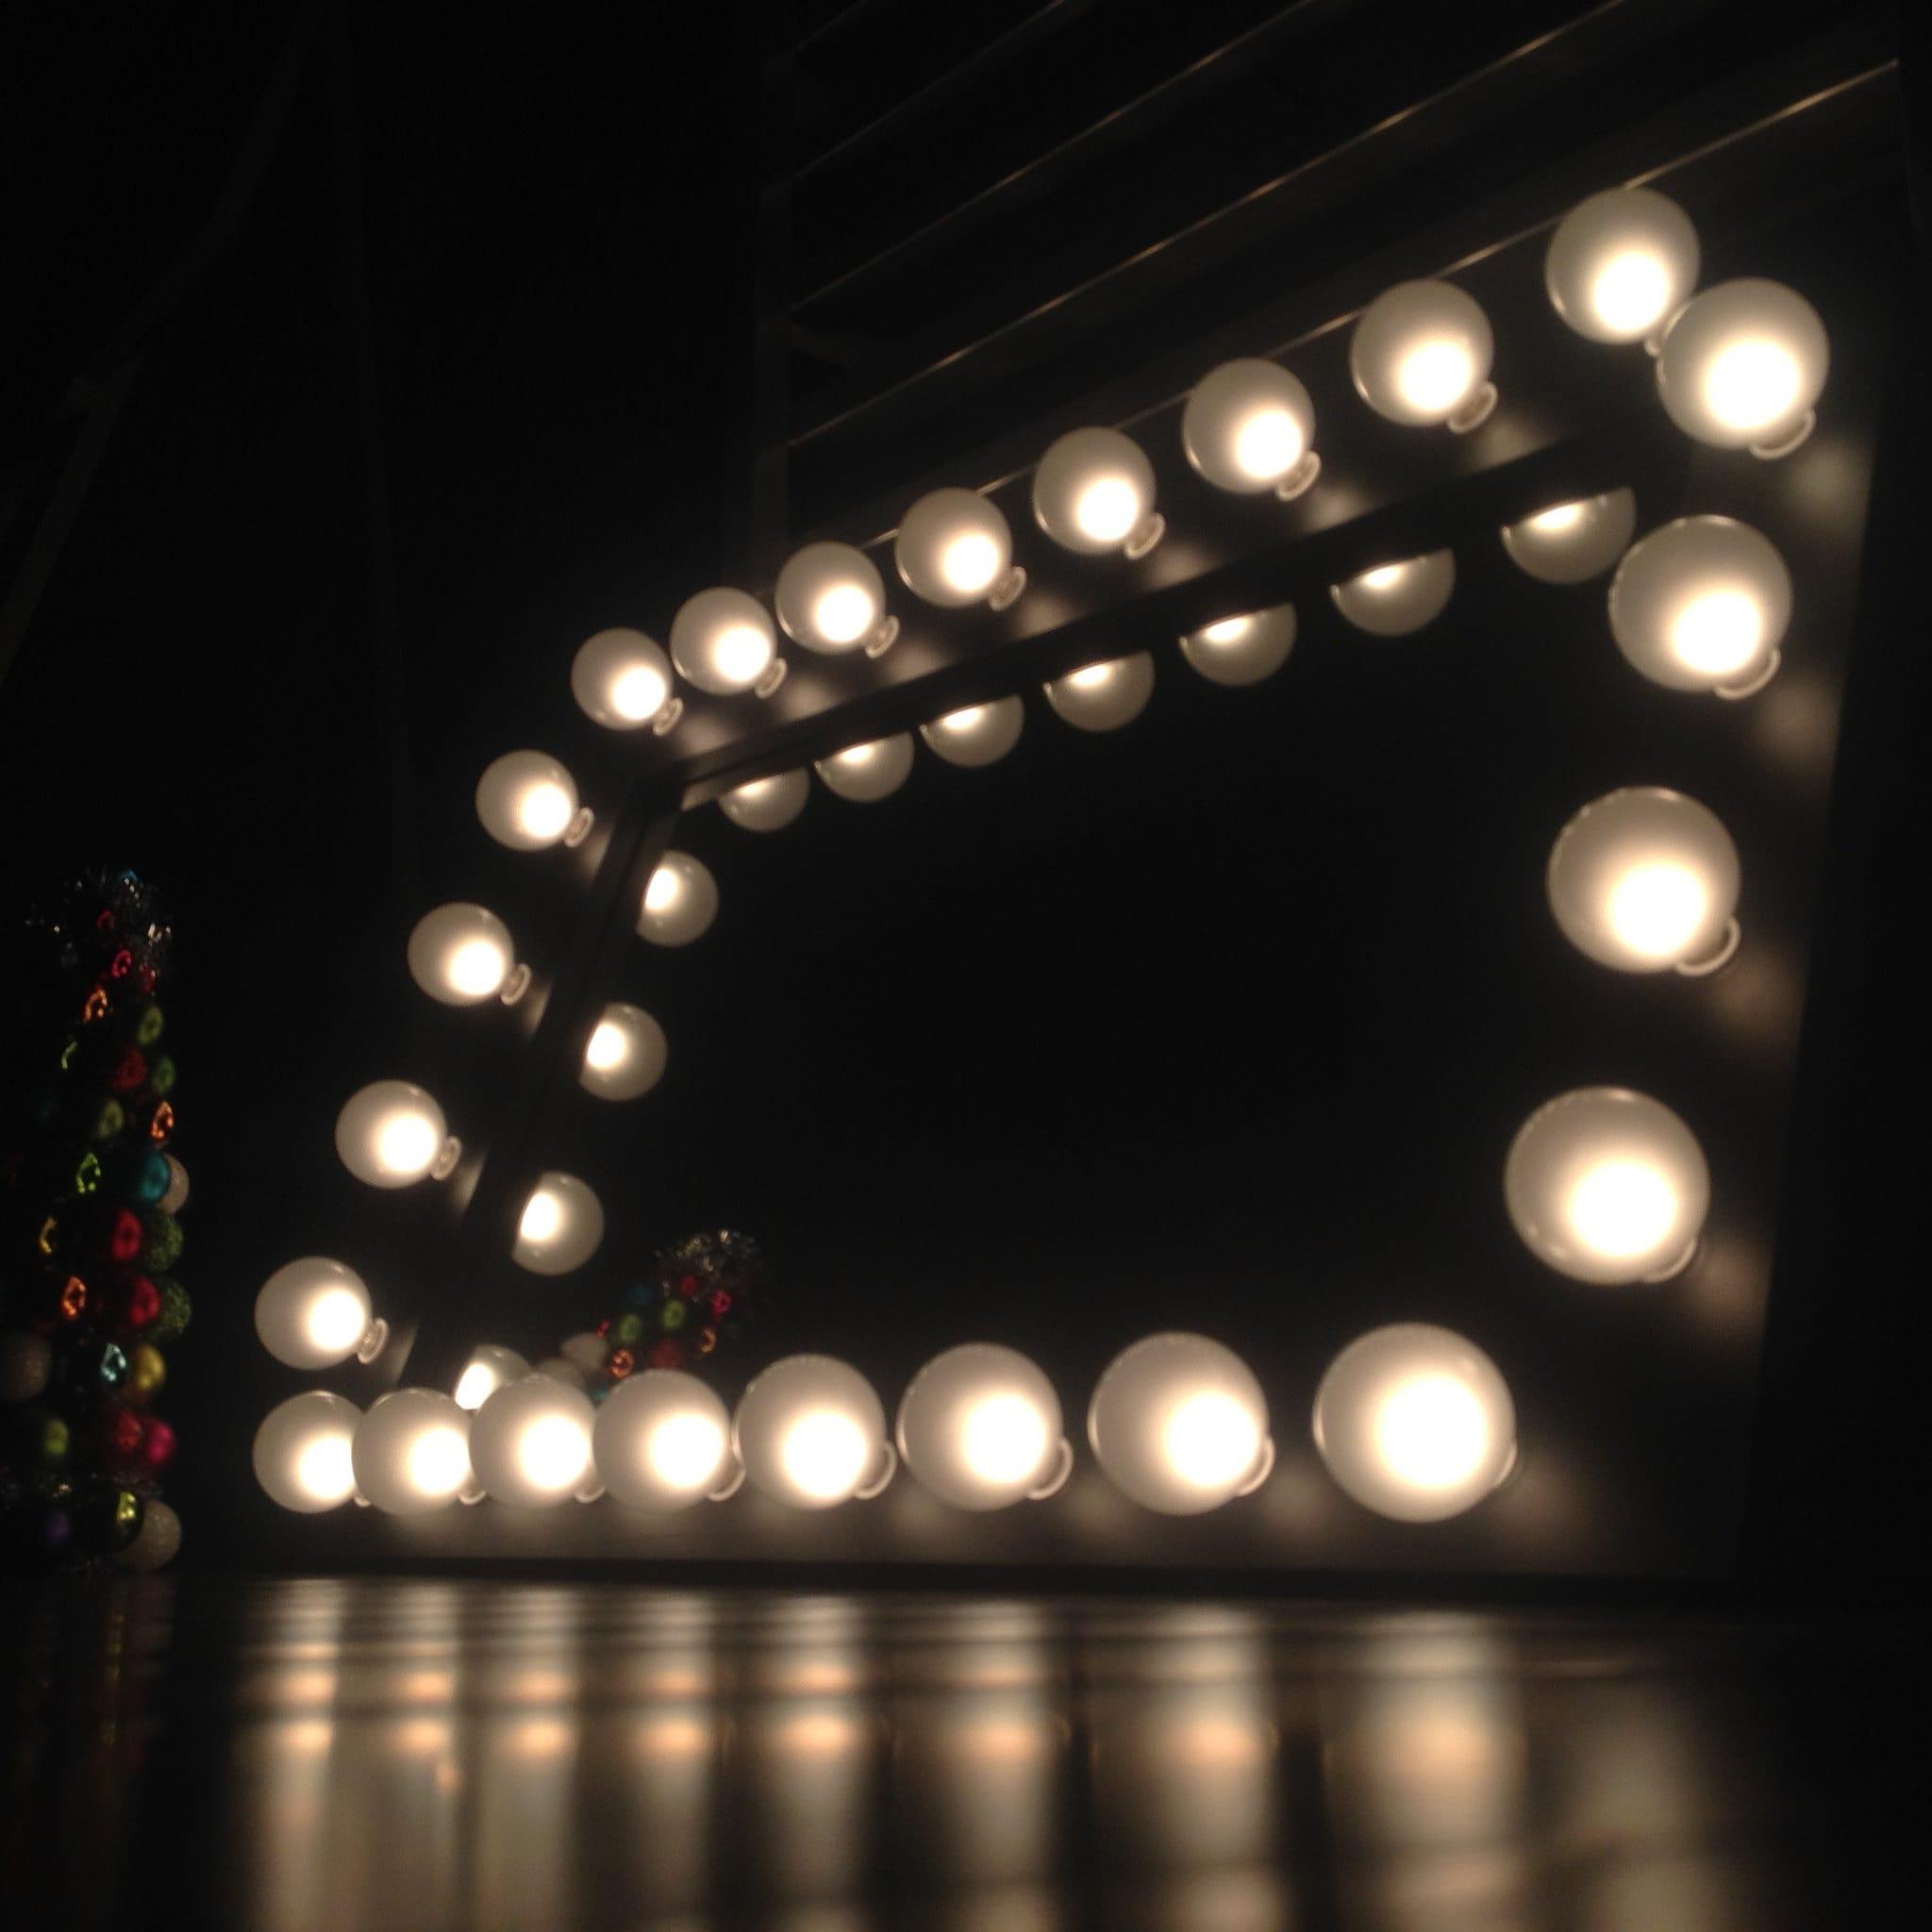 Lighted Vanity Mirror Etsy : WoodUBeMine Lighted make-up Vanity Mirrors by WoodUBeMine on Etsy